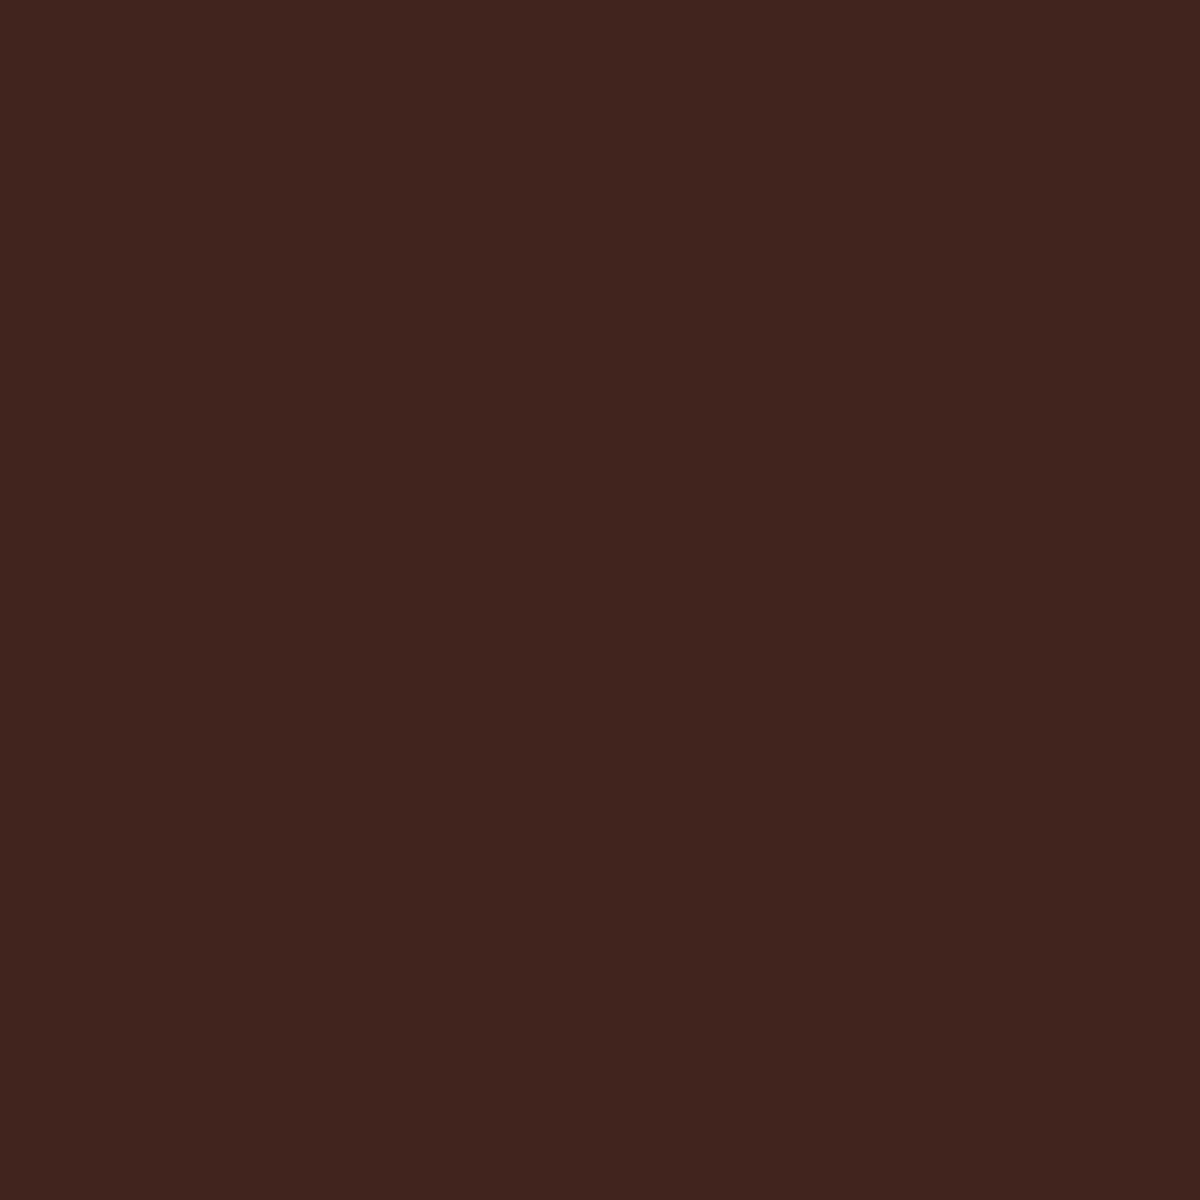 Виниловая самоклеющаяся пленка G-3209 (глянец) 1,06м